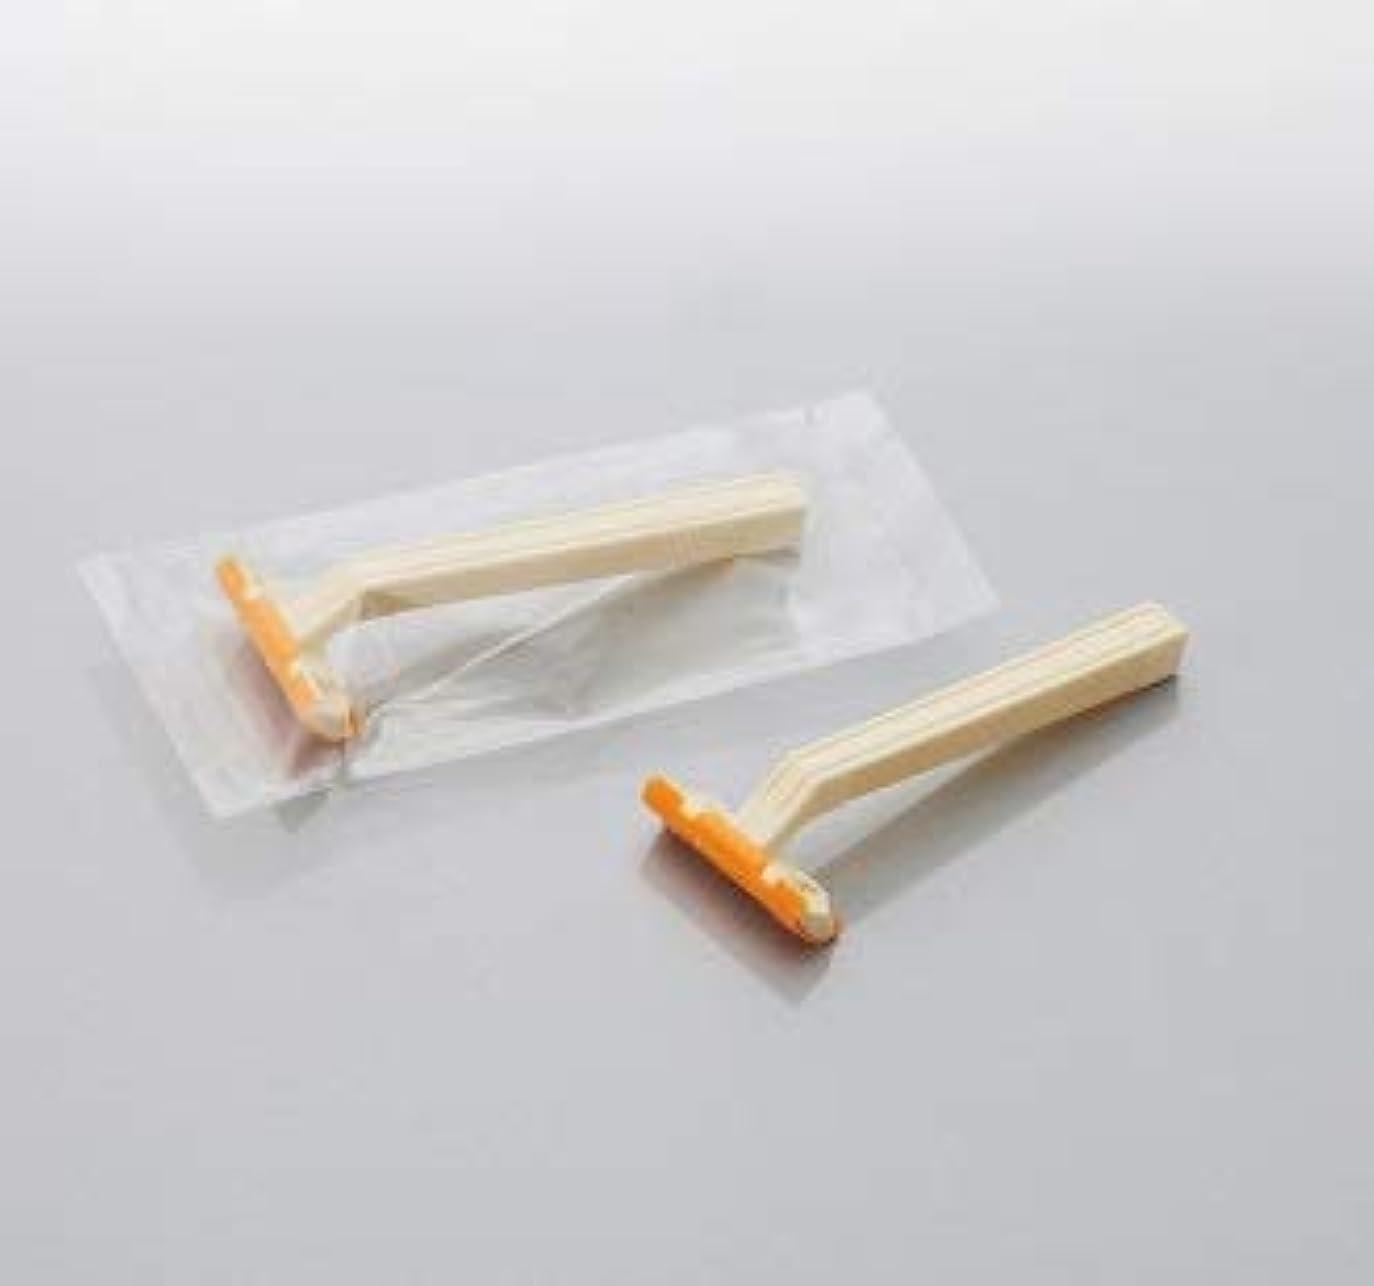 キャンバスポーチ忠実なカミソリ アメニティロード2 固定式2枚刃2000本 透明OP袋入 daito